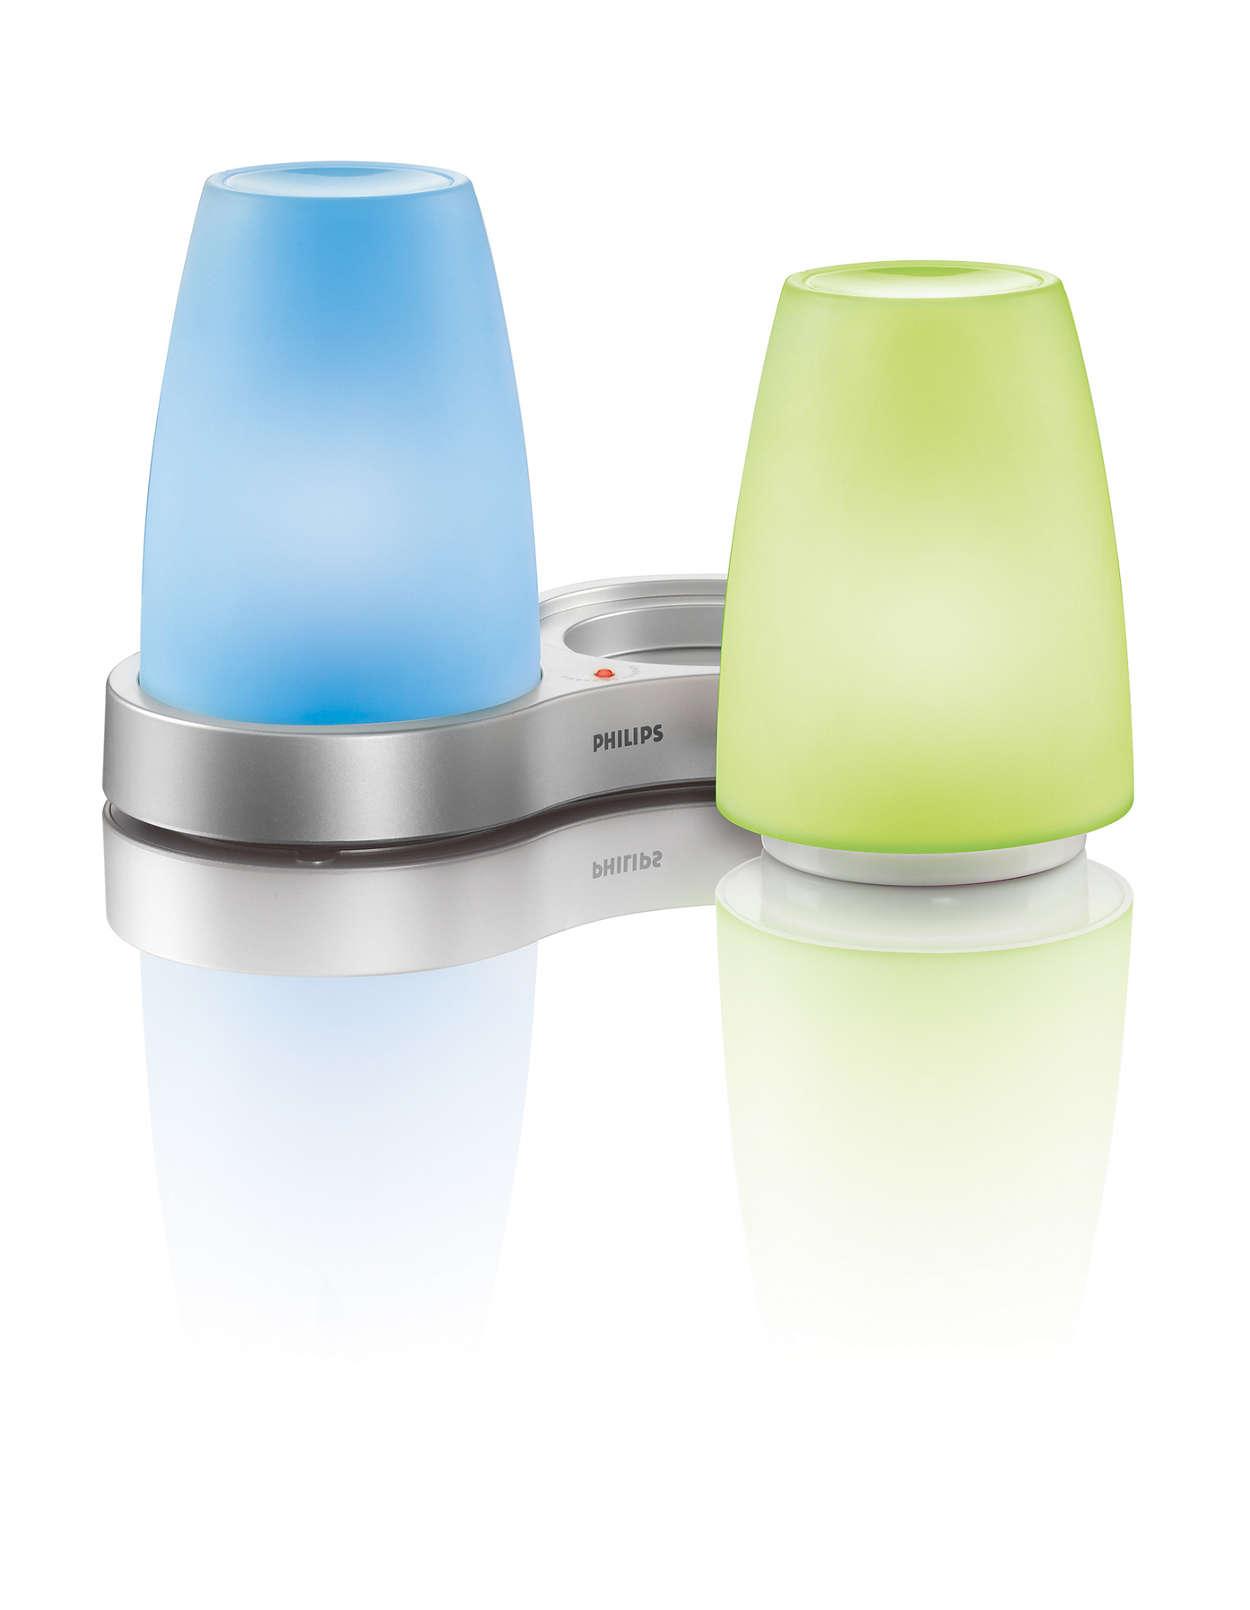 Създайте сияйна цветна атмосфера в дома си